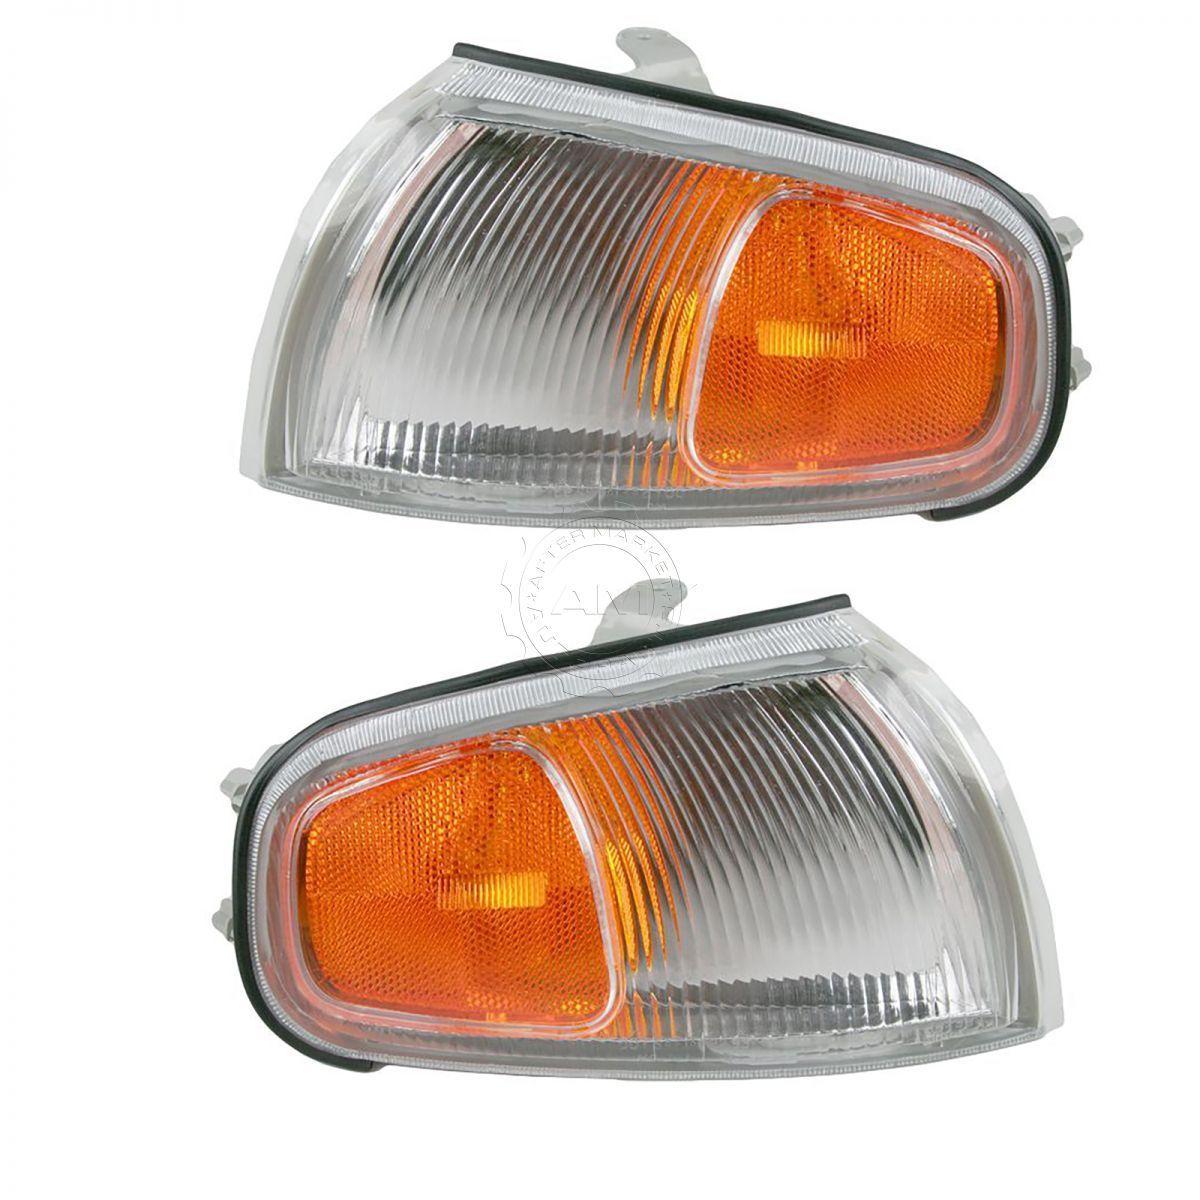 コーナーライト Side Marker Turn Signal Corner Parking Light Lamp Pair Set for 95-96 Camry サイドマーカーターン信号コーナー駐車ライトライトペアは95-96カムリに設定